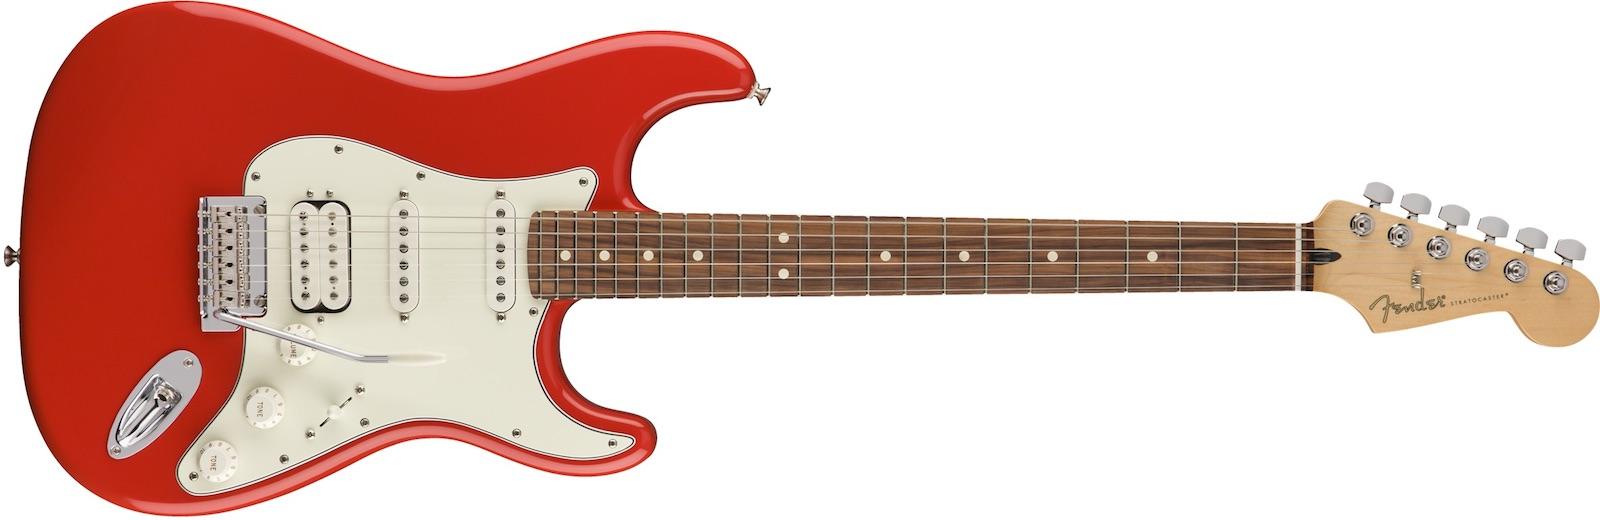 【新品】Fender Player Stratocaster HSS Pau Ferro Fingerboard ~Sonic Red~【お取り寄せ】【送料無料】【池袋店】